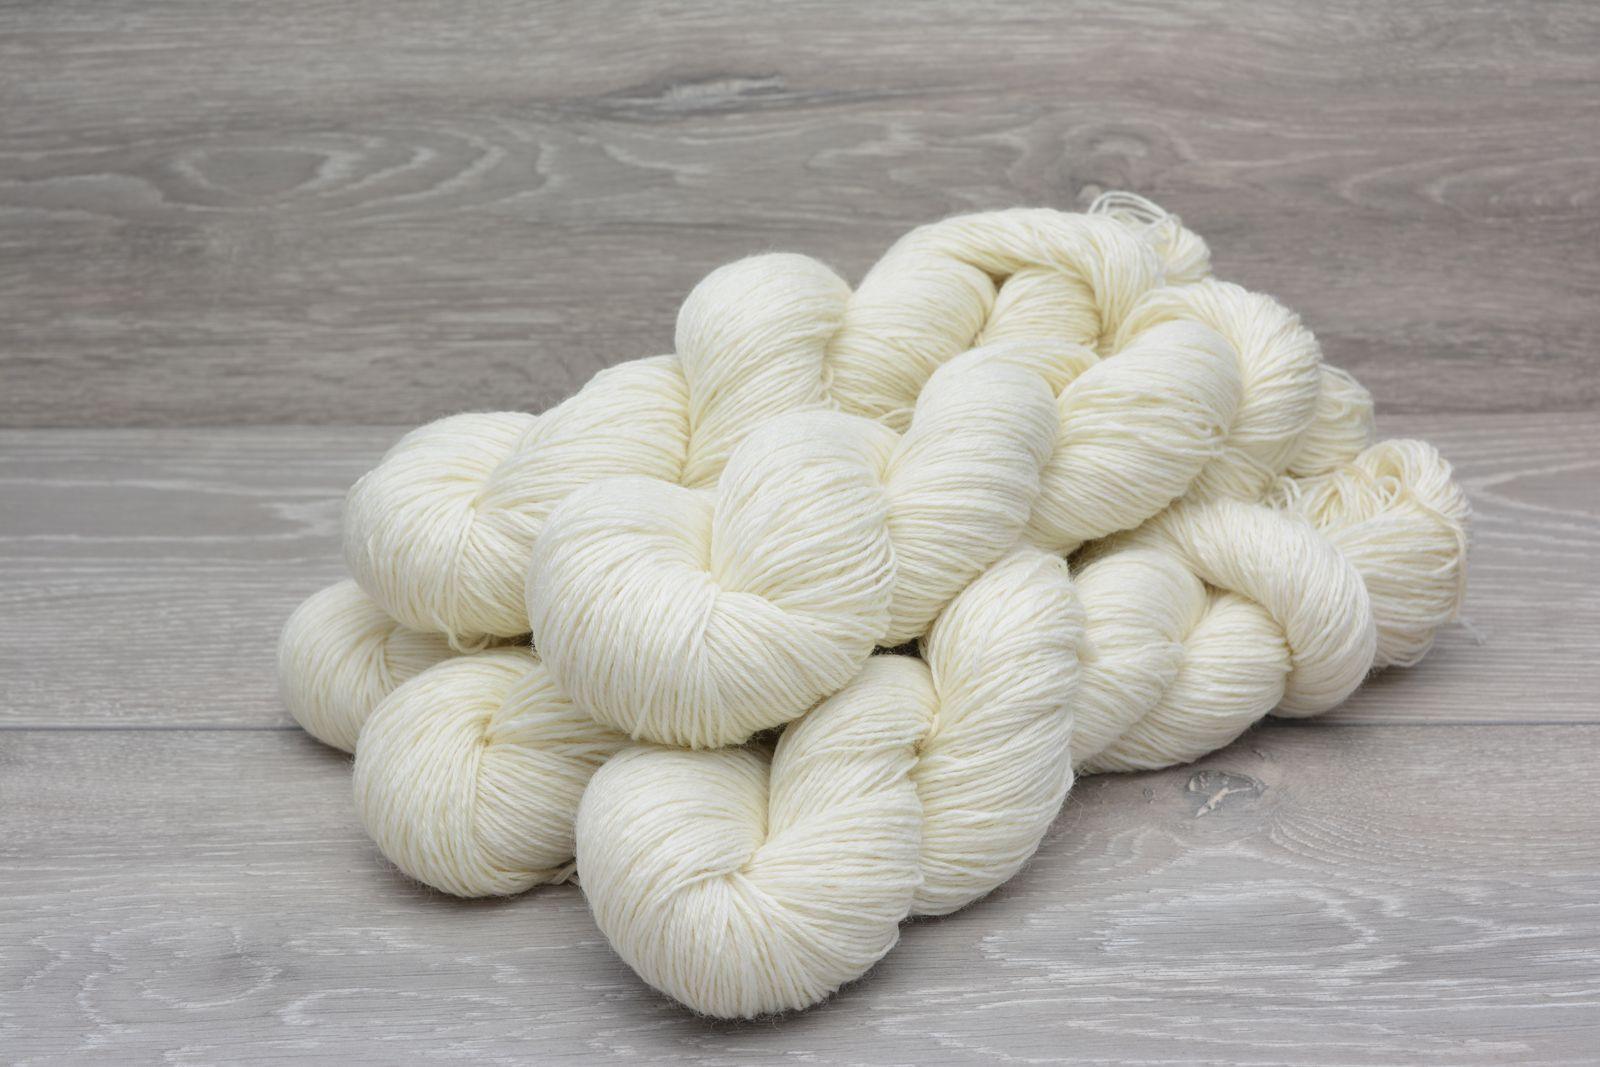 www.yarnundyed.eu  4ply 75% Superwash Wool 25% Nylon  Yarn 5 x 100gm Pack